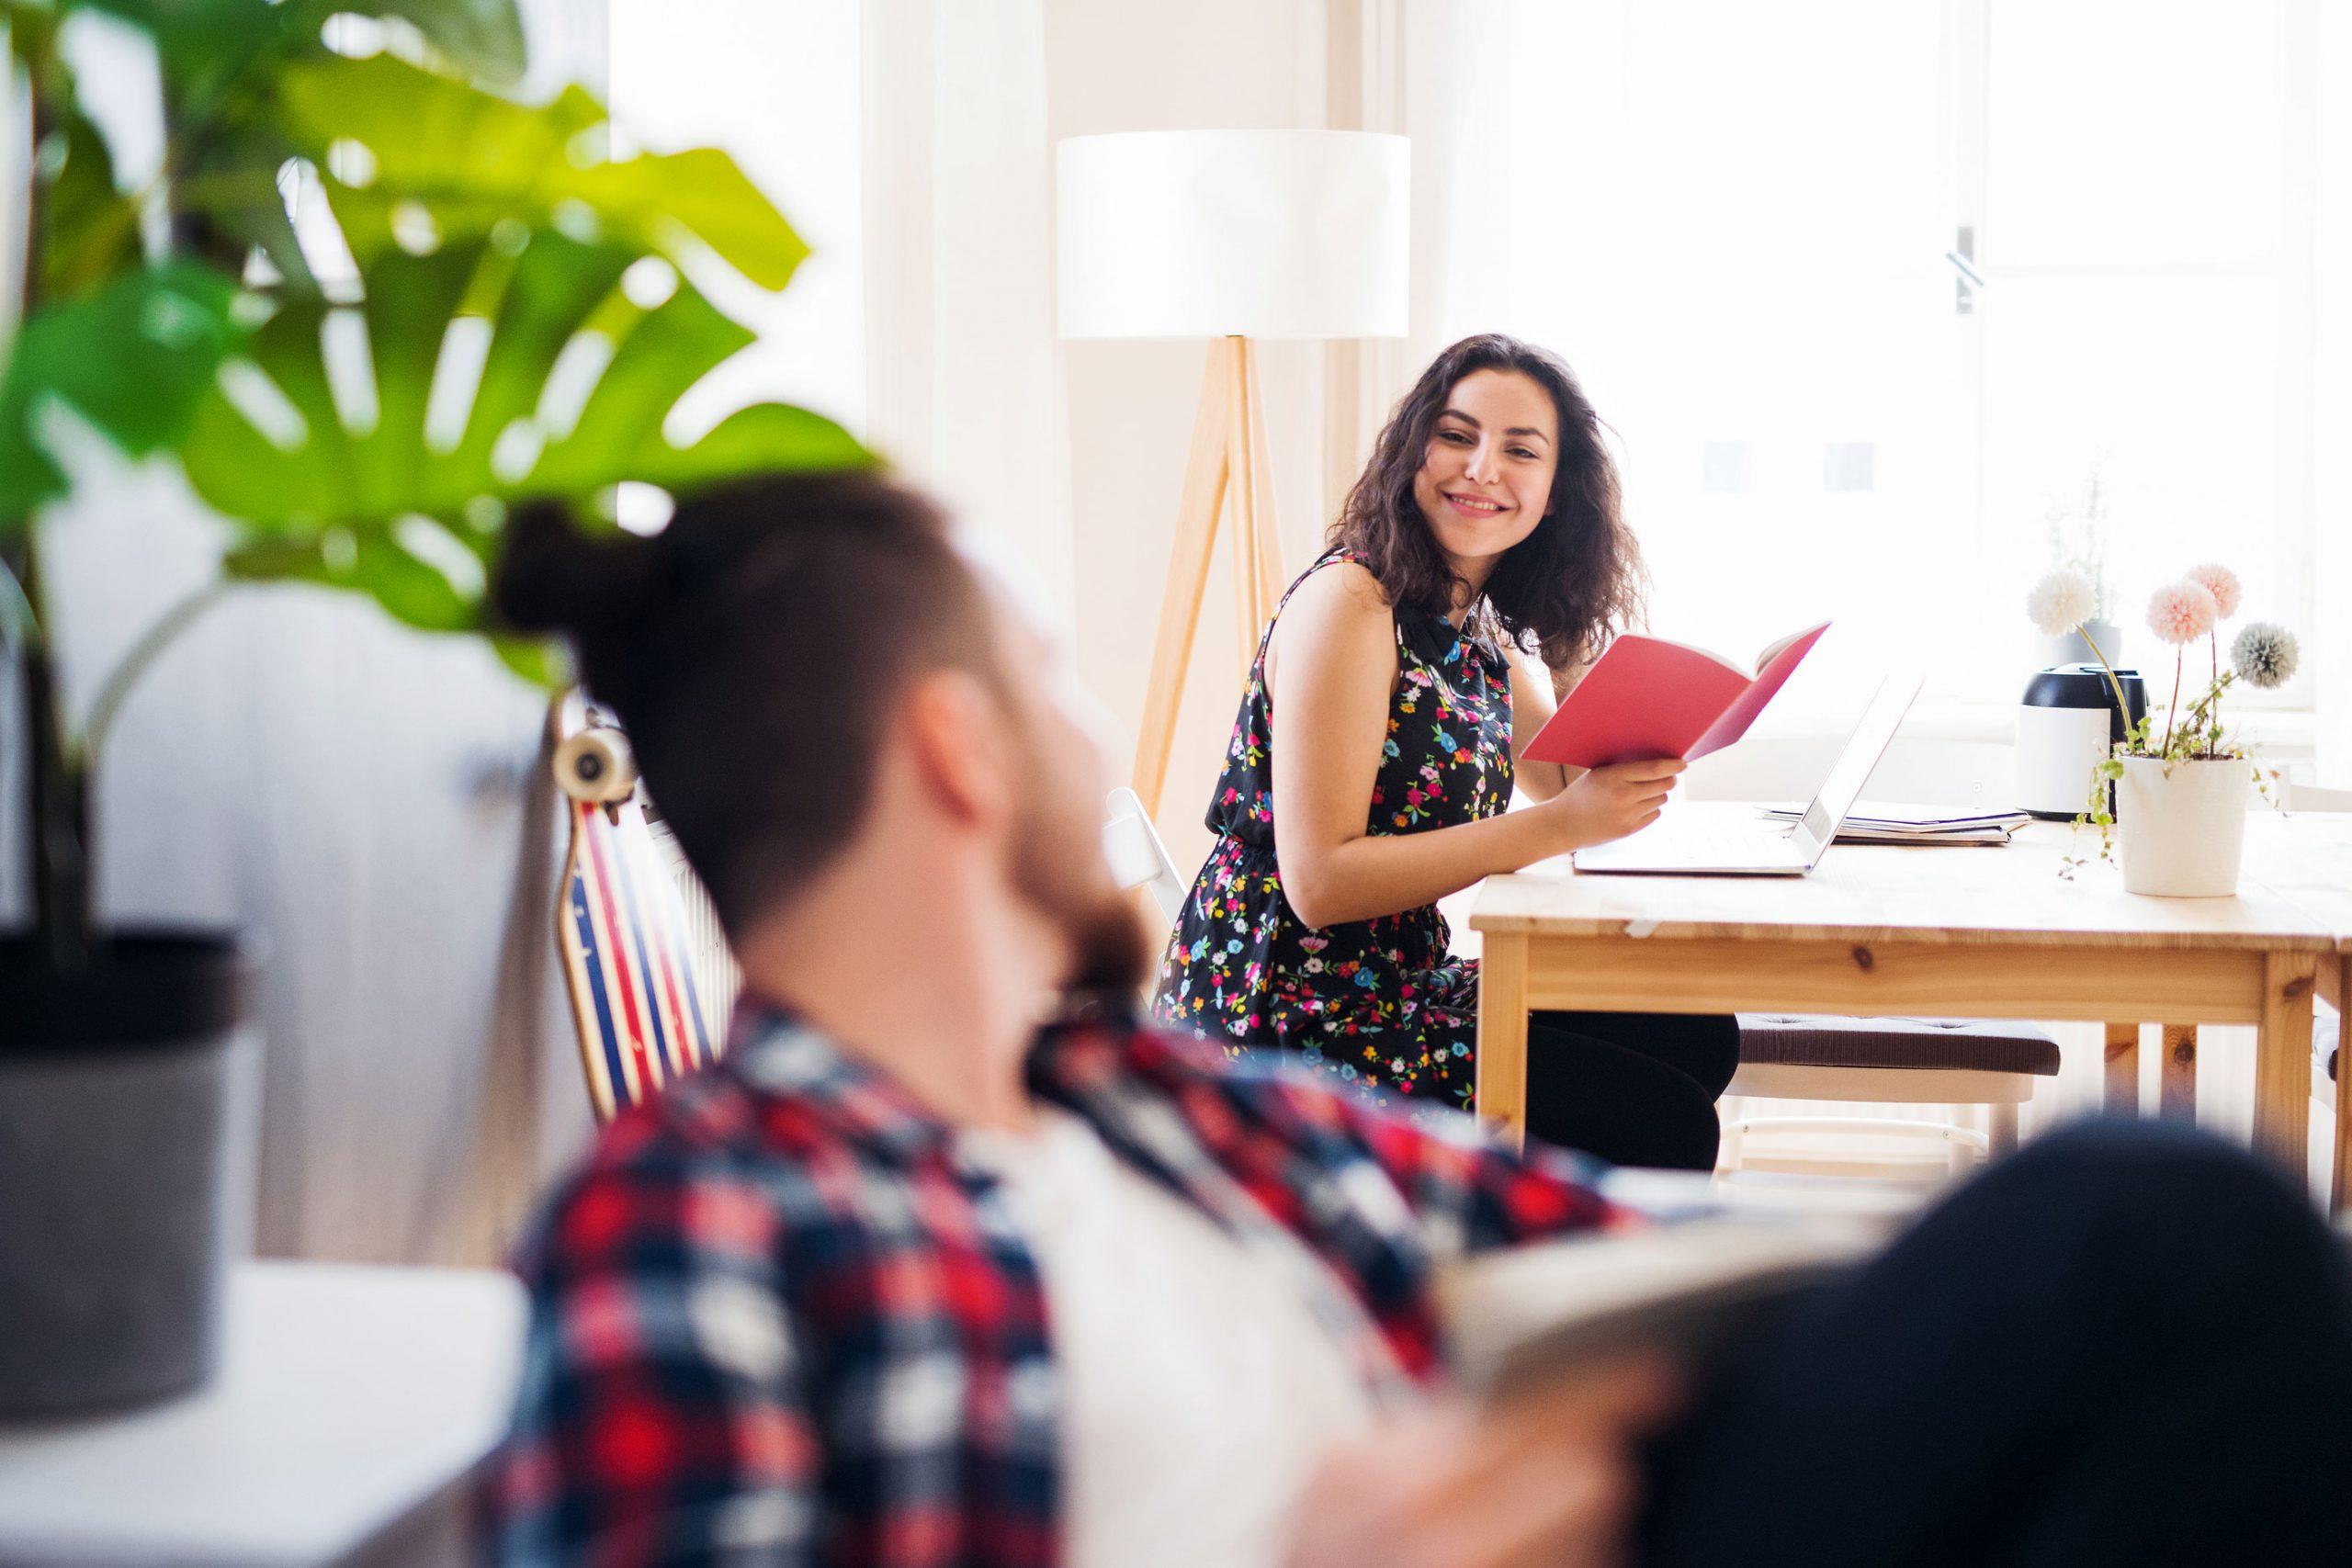 bokollektiv delt leilighet London priser hvordan finne leiepriser